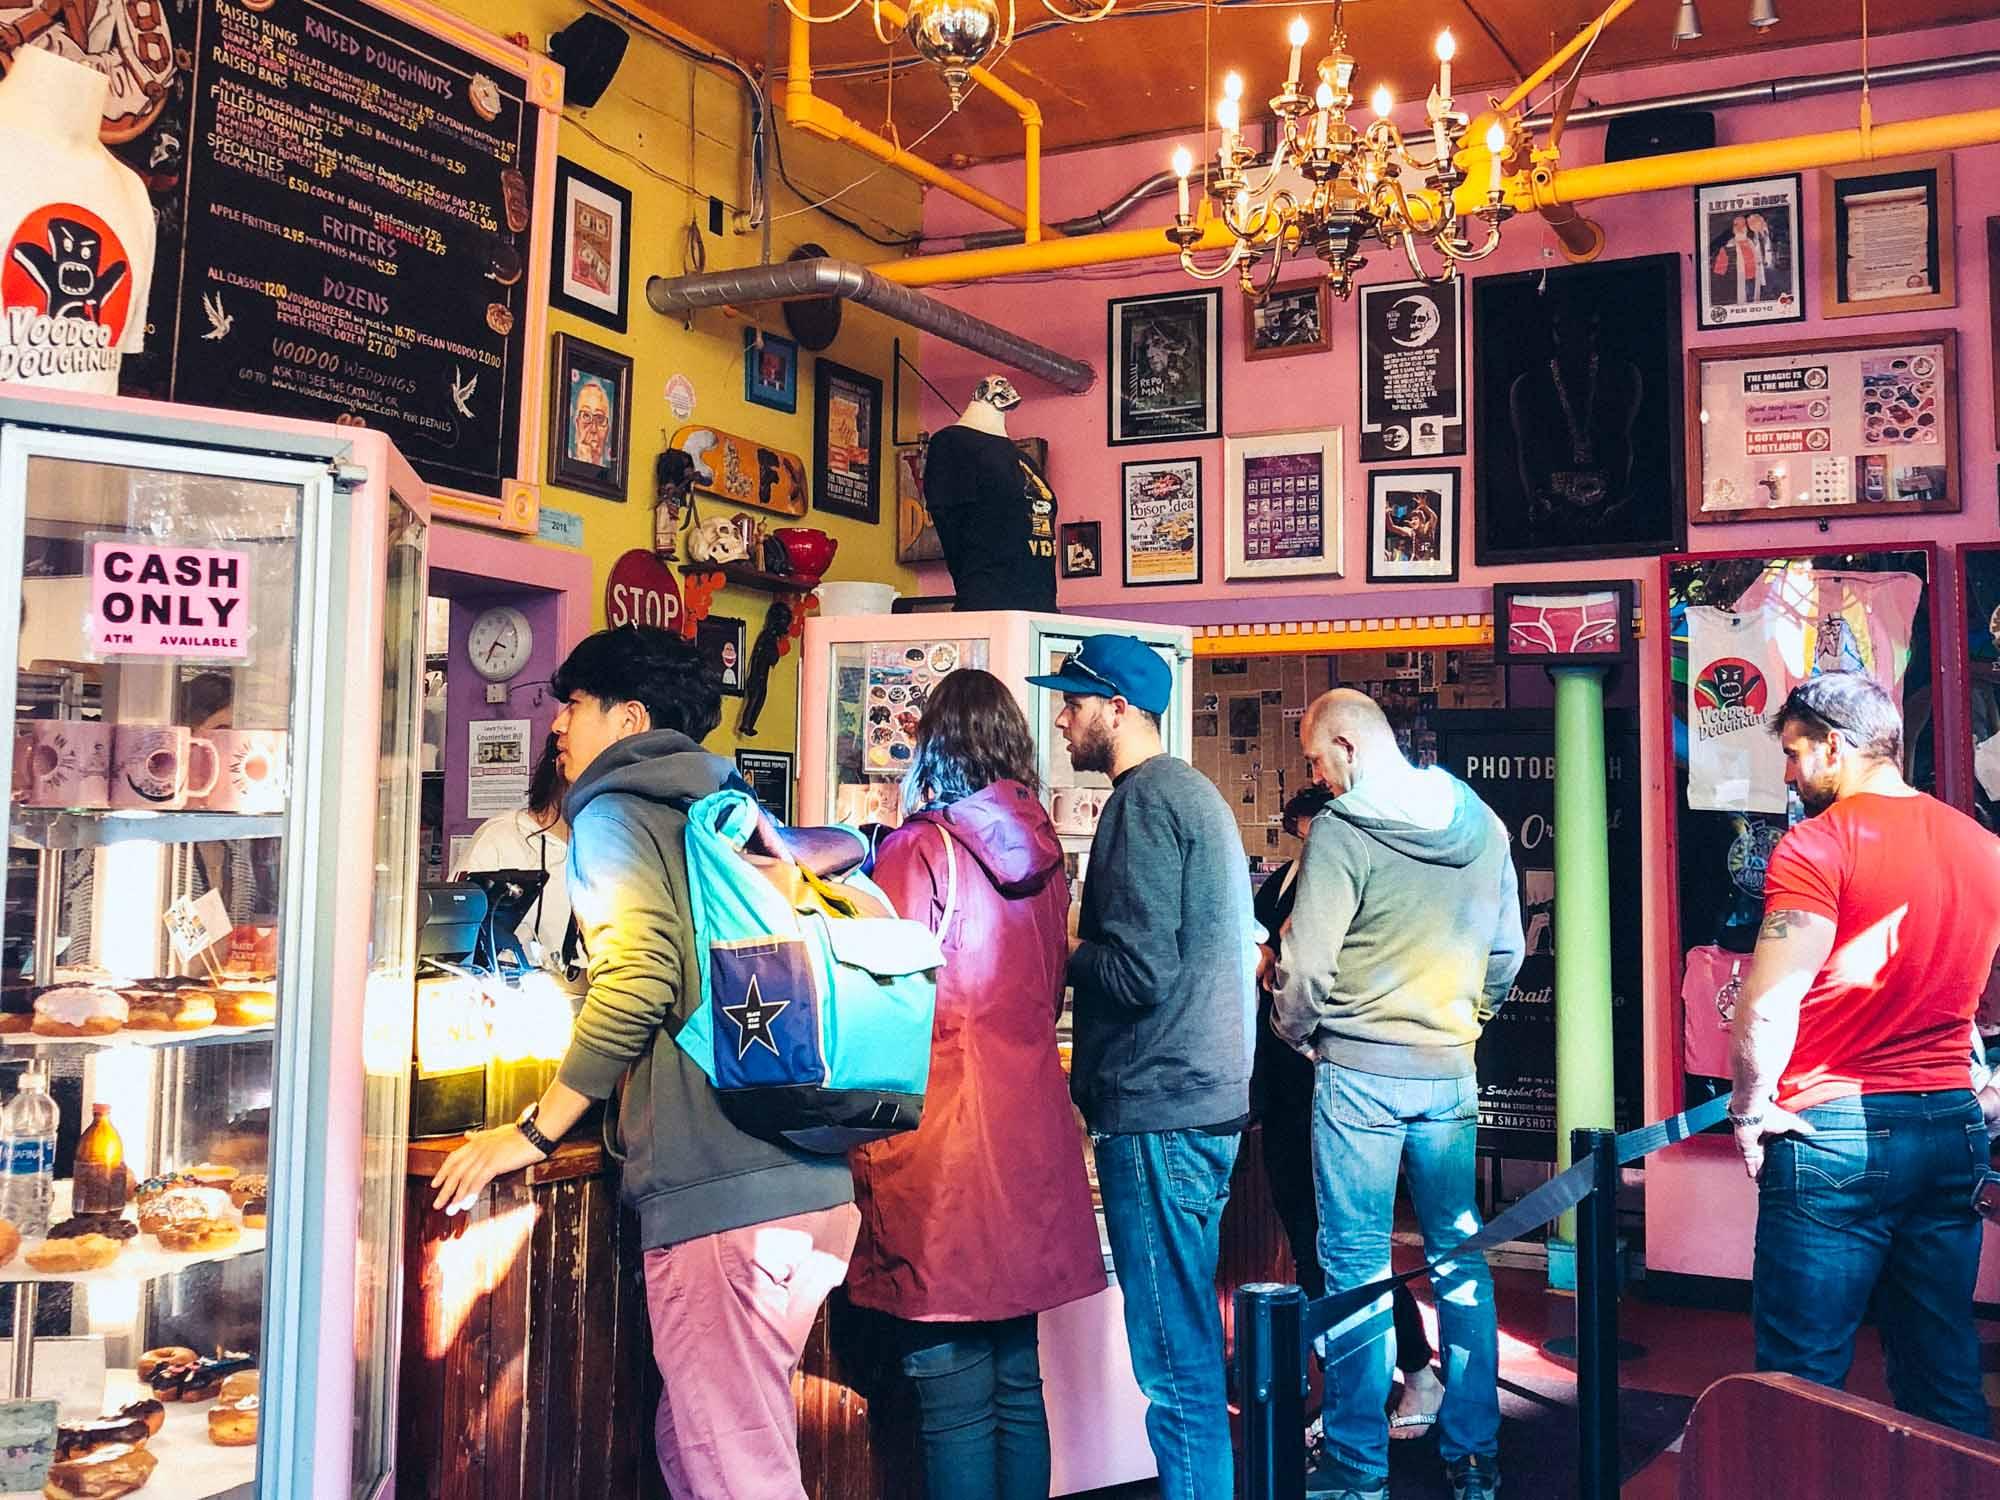 Best vegetarian restaurants in Portland - Voodoo Doughnuts